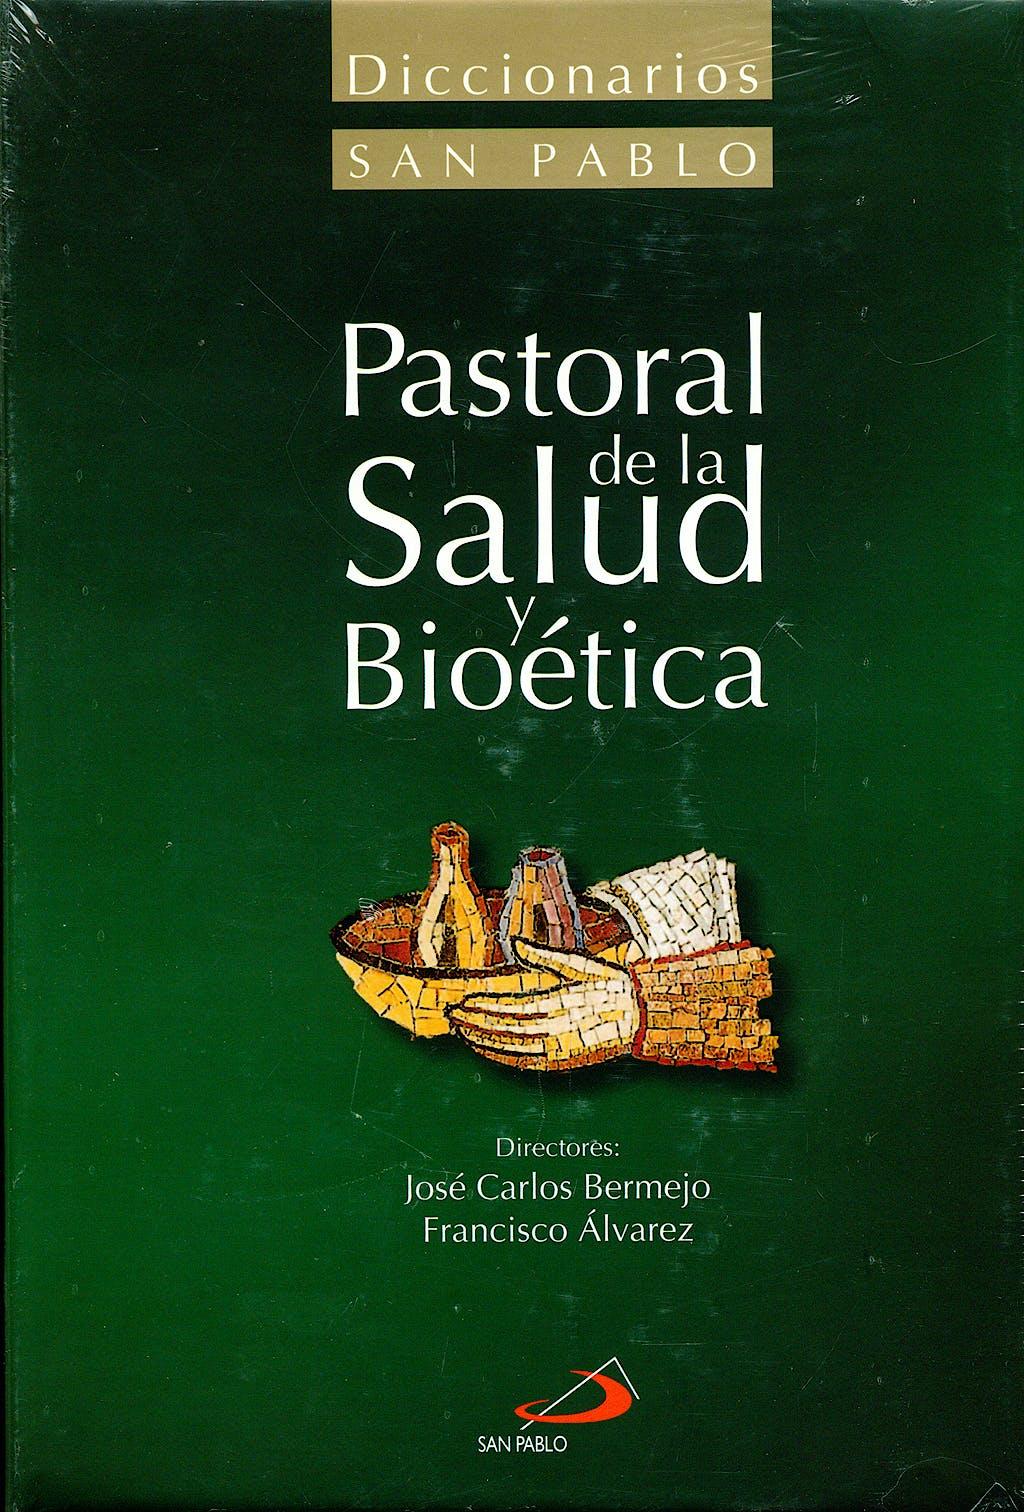 Portada del libro 9788428535137 Diccionario de Pastoral de la Salud y Bioetica